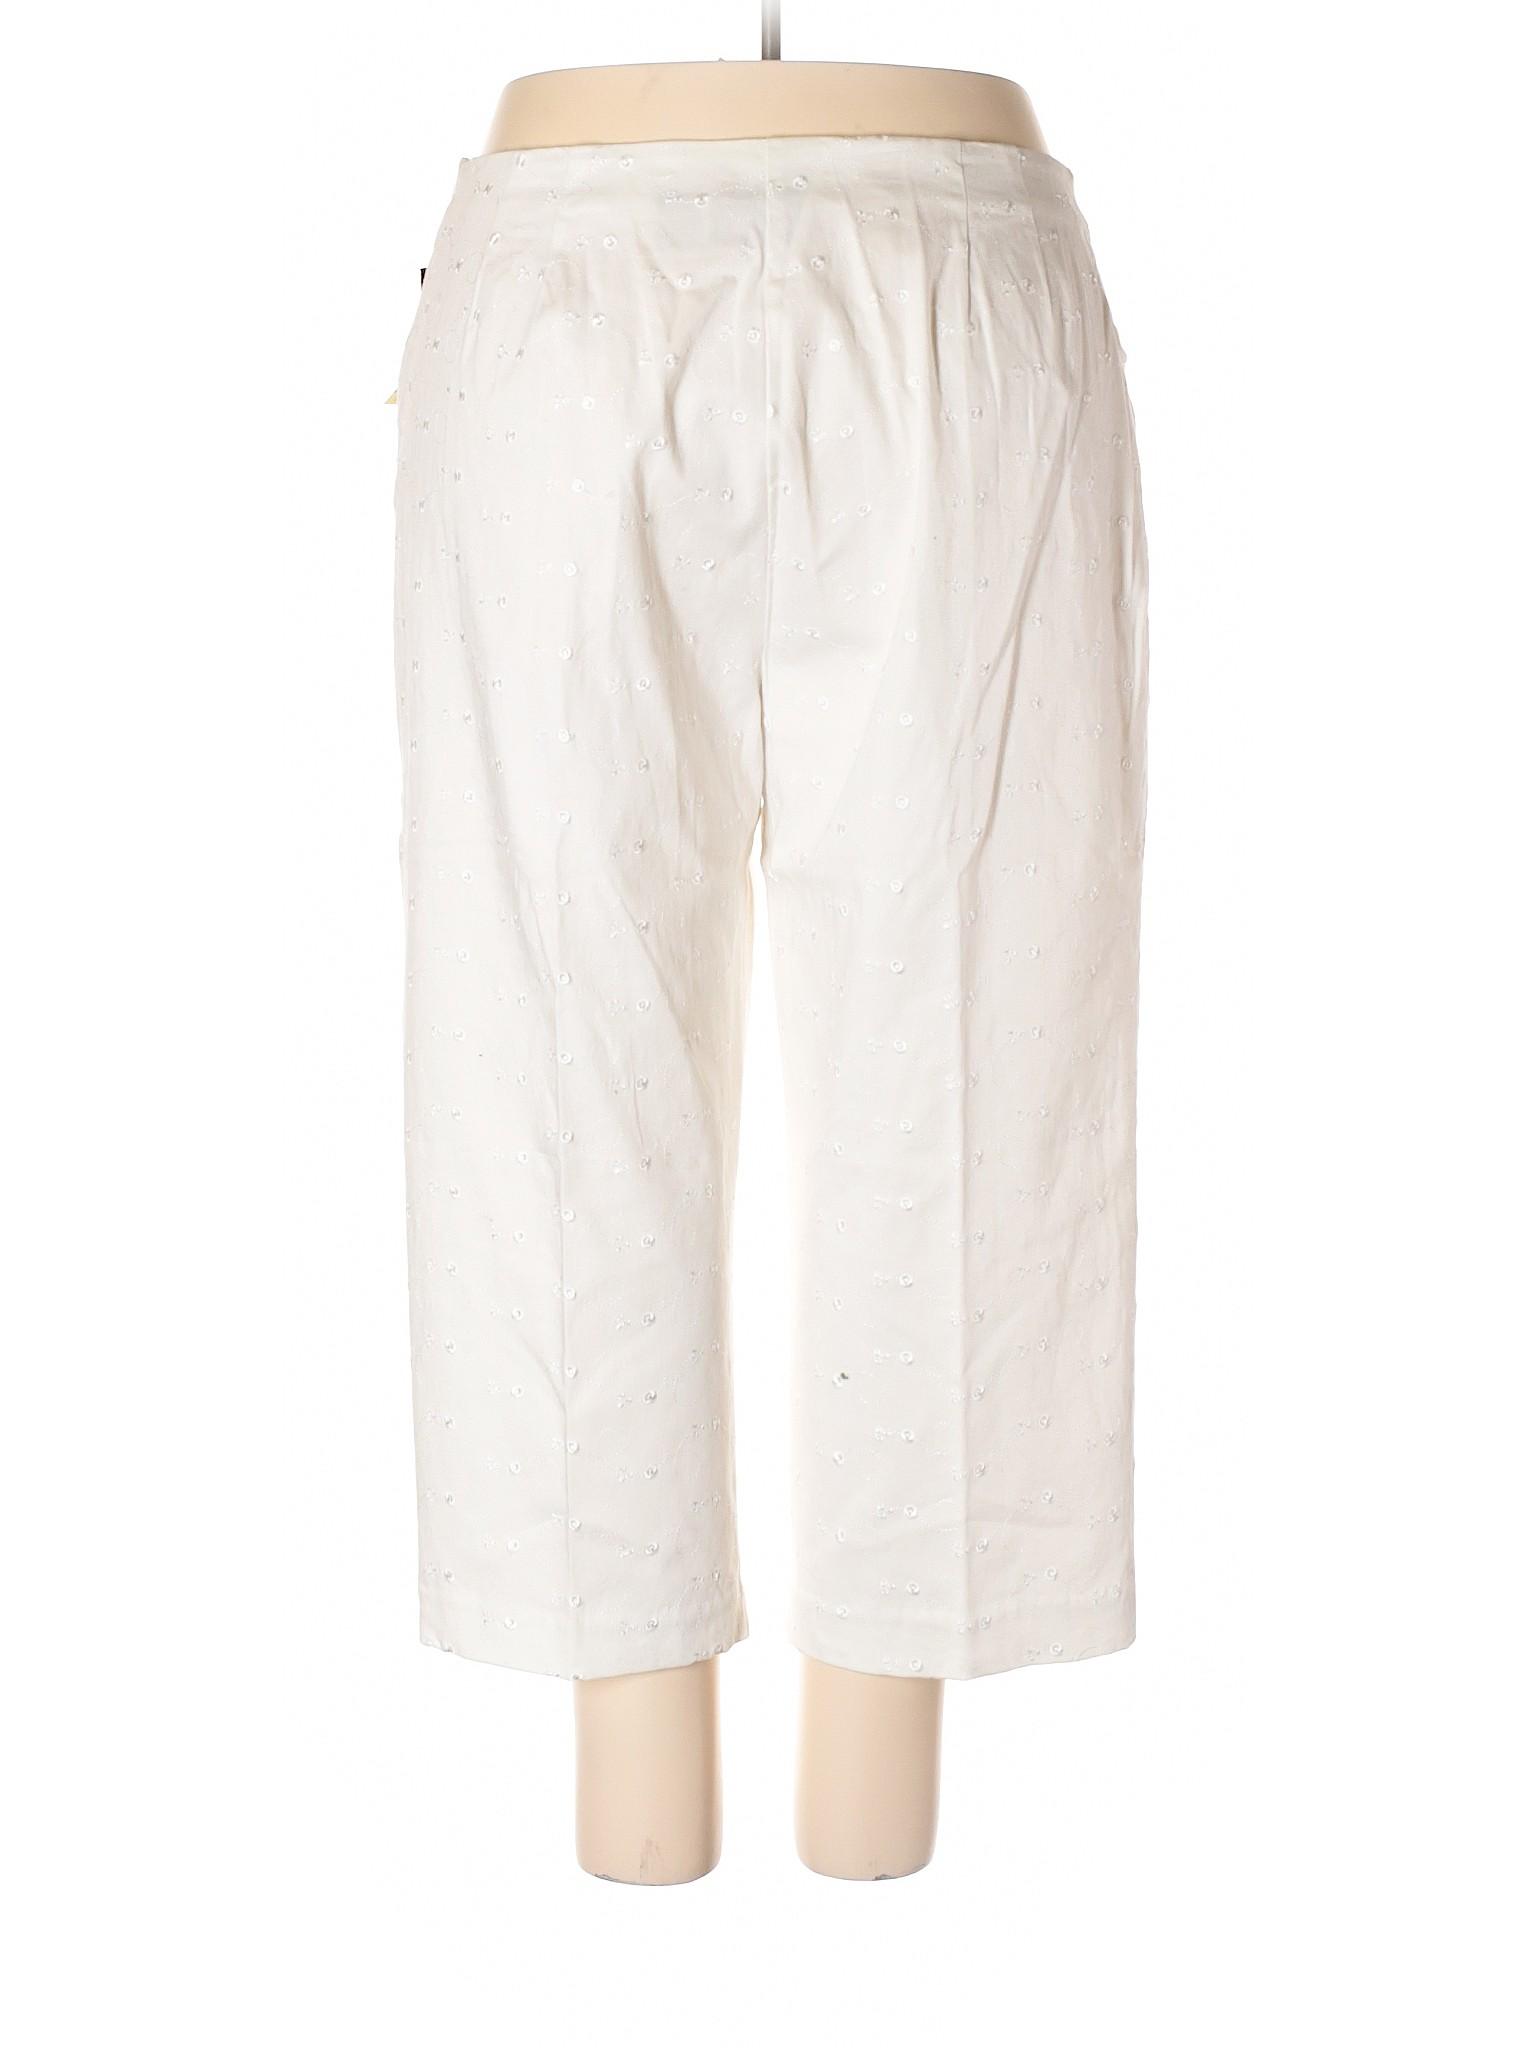 Dress winter amp;Co Pants Boutique Style wtqvdC77